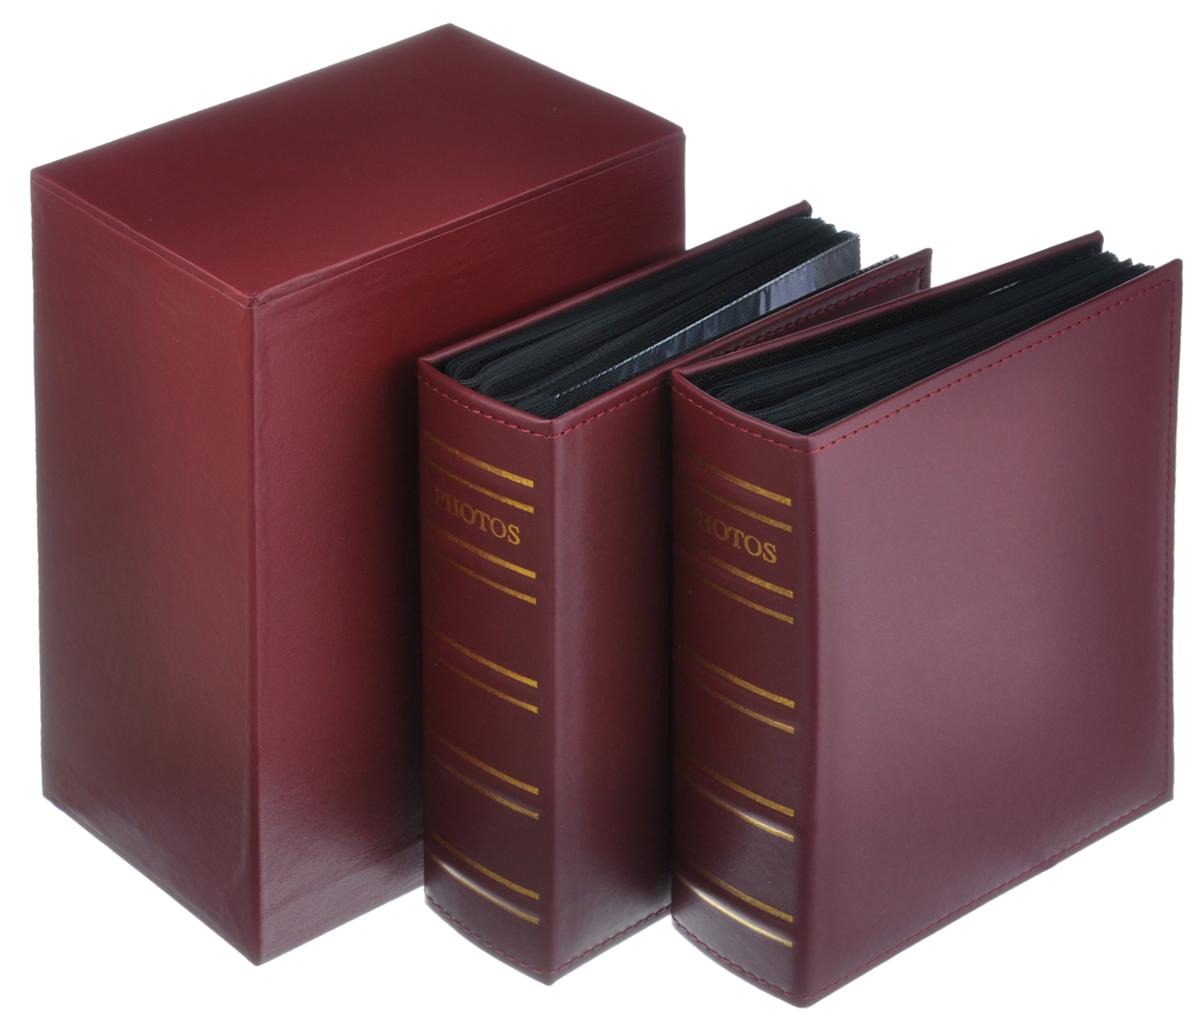 Набор фотоальбомов Image Art, 200 фотографий, 10 см х 15 см, 2 шт. Art -400Art -400Набор Image Art, состоящий из двух фотоальбомов, поможет красиво оформить ваши фотографии. Обложки фотоальбомов выполнены из толстого картона, обтянутого искусственной кожей. Внутри содержится блок из 50 листов с фиксаторами-окошками из ПВХ. Каждый альбом рассчитан на 200 фотографий формата 10 см х 15 см (по 2 фотографии на странице). Переплет - книжный. Альбомы вставляются в подарочную коробку, оснащенную ящиком для хранения различных мелочей. Нам всегда так приятно вспоминать о самых счастливых моментах жизни, запечатленных на фотографиях. Поэтому фотоальбом является универсальным подарком к любому празднику. Комплектация: 2 шт. Количество листов в одном альбоме: 50 шт. Число мест для фотографий в одном альбоме: 200 шт. Размер фотоальбома: 23 см х 18 см х 6 см.